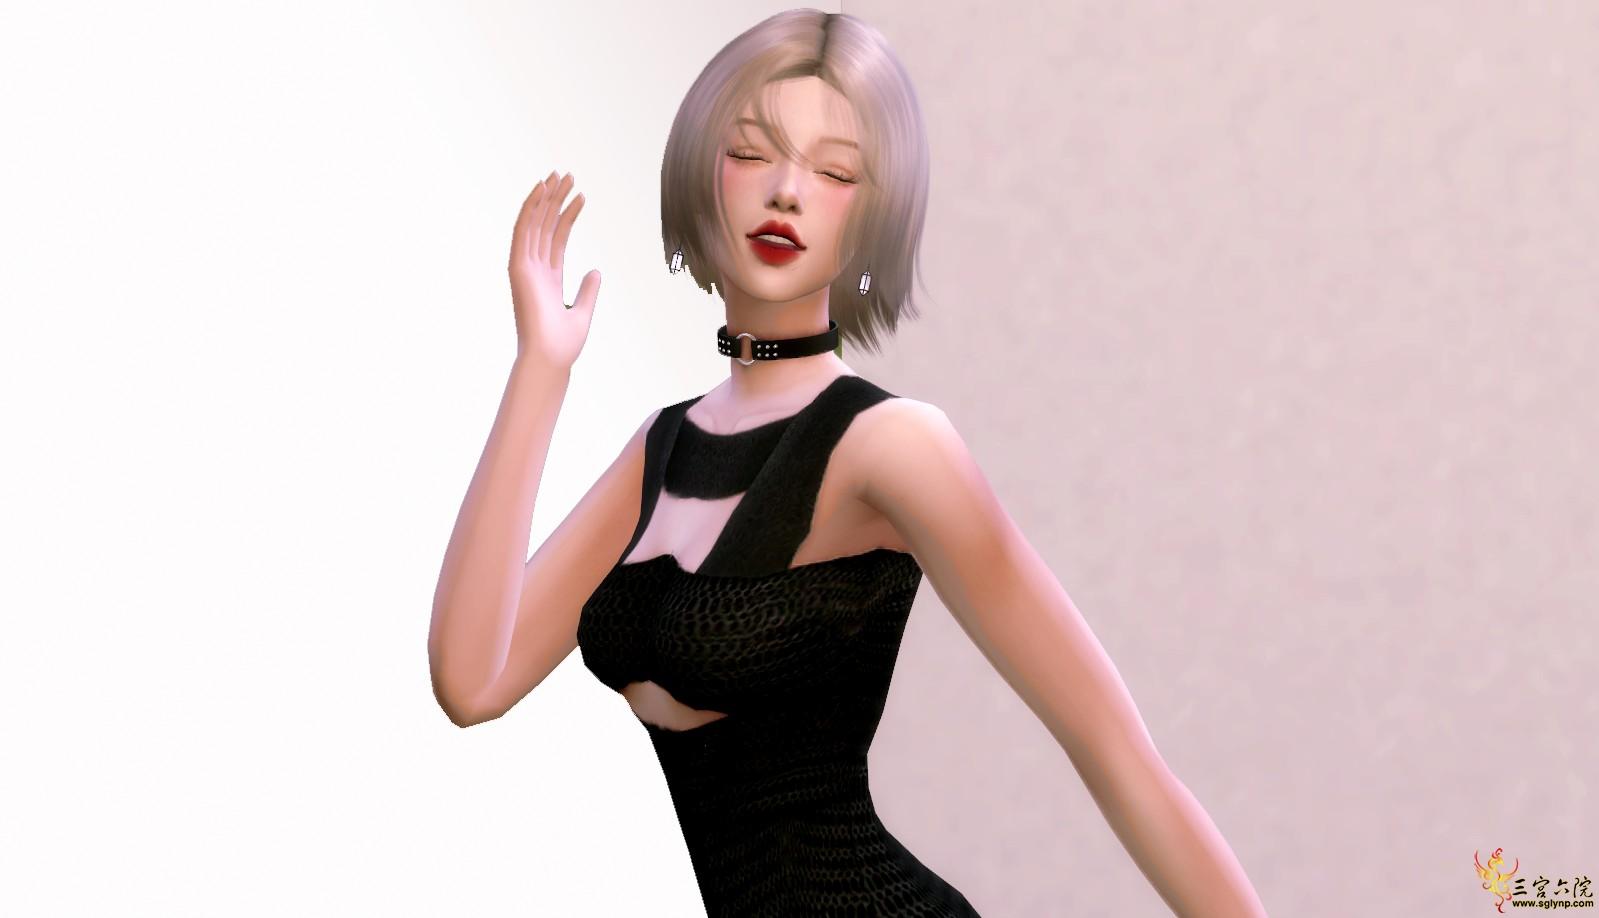 Sims 4 Screenshot 2020.10.13 - 20.02.09.32.png